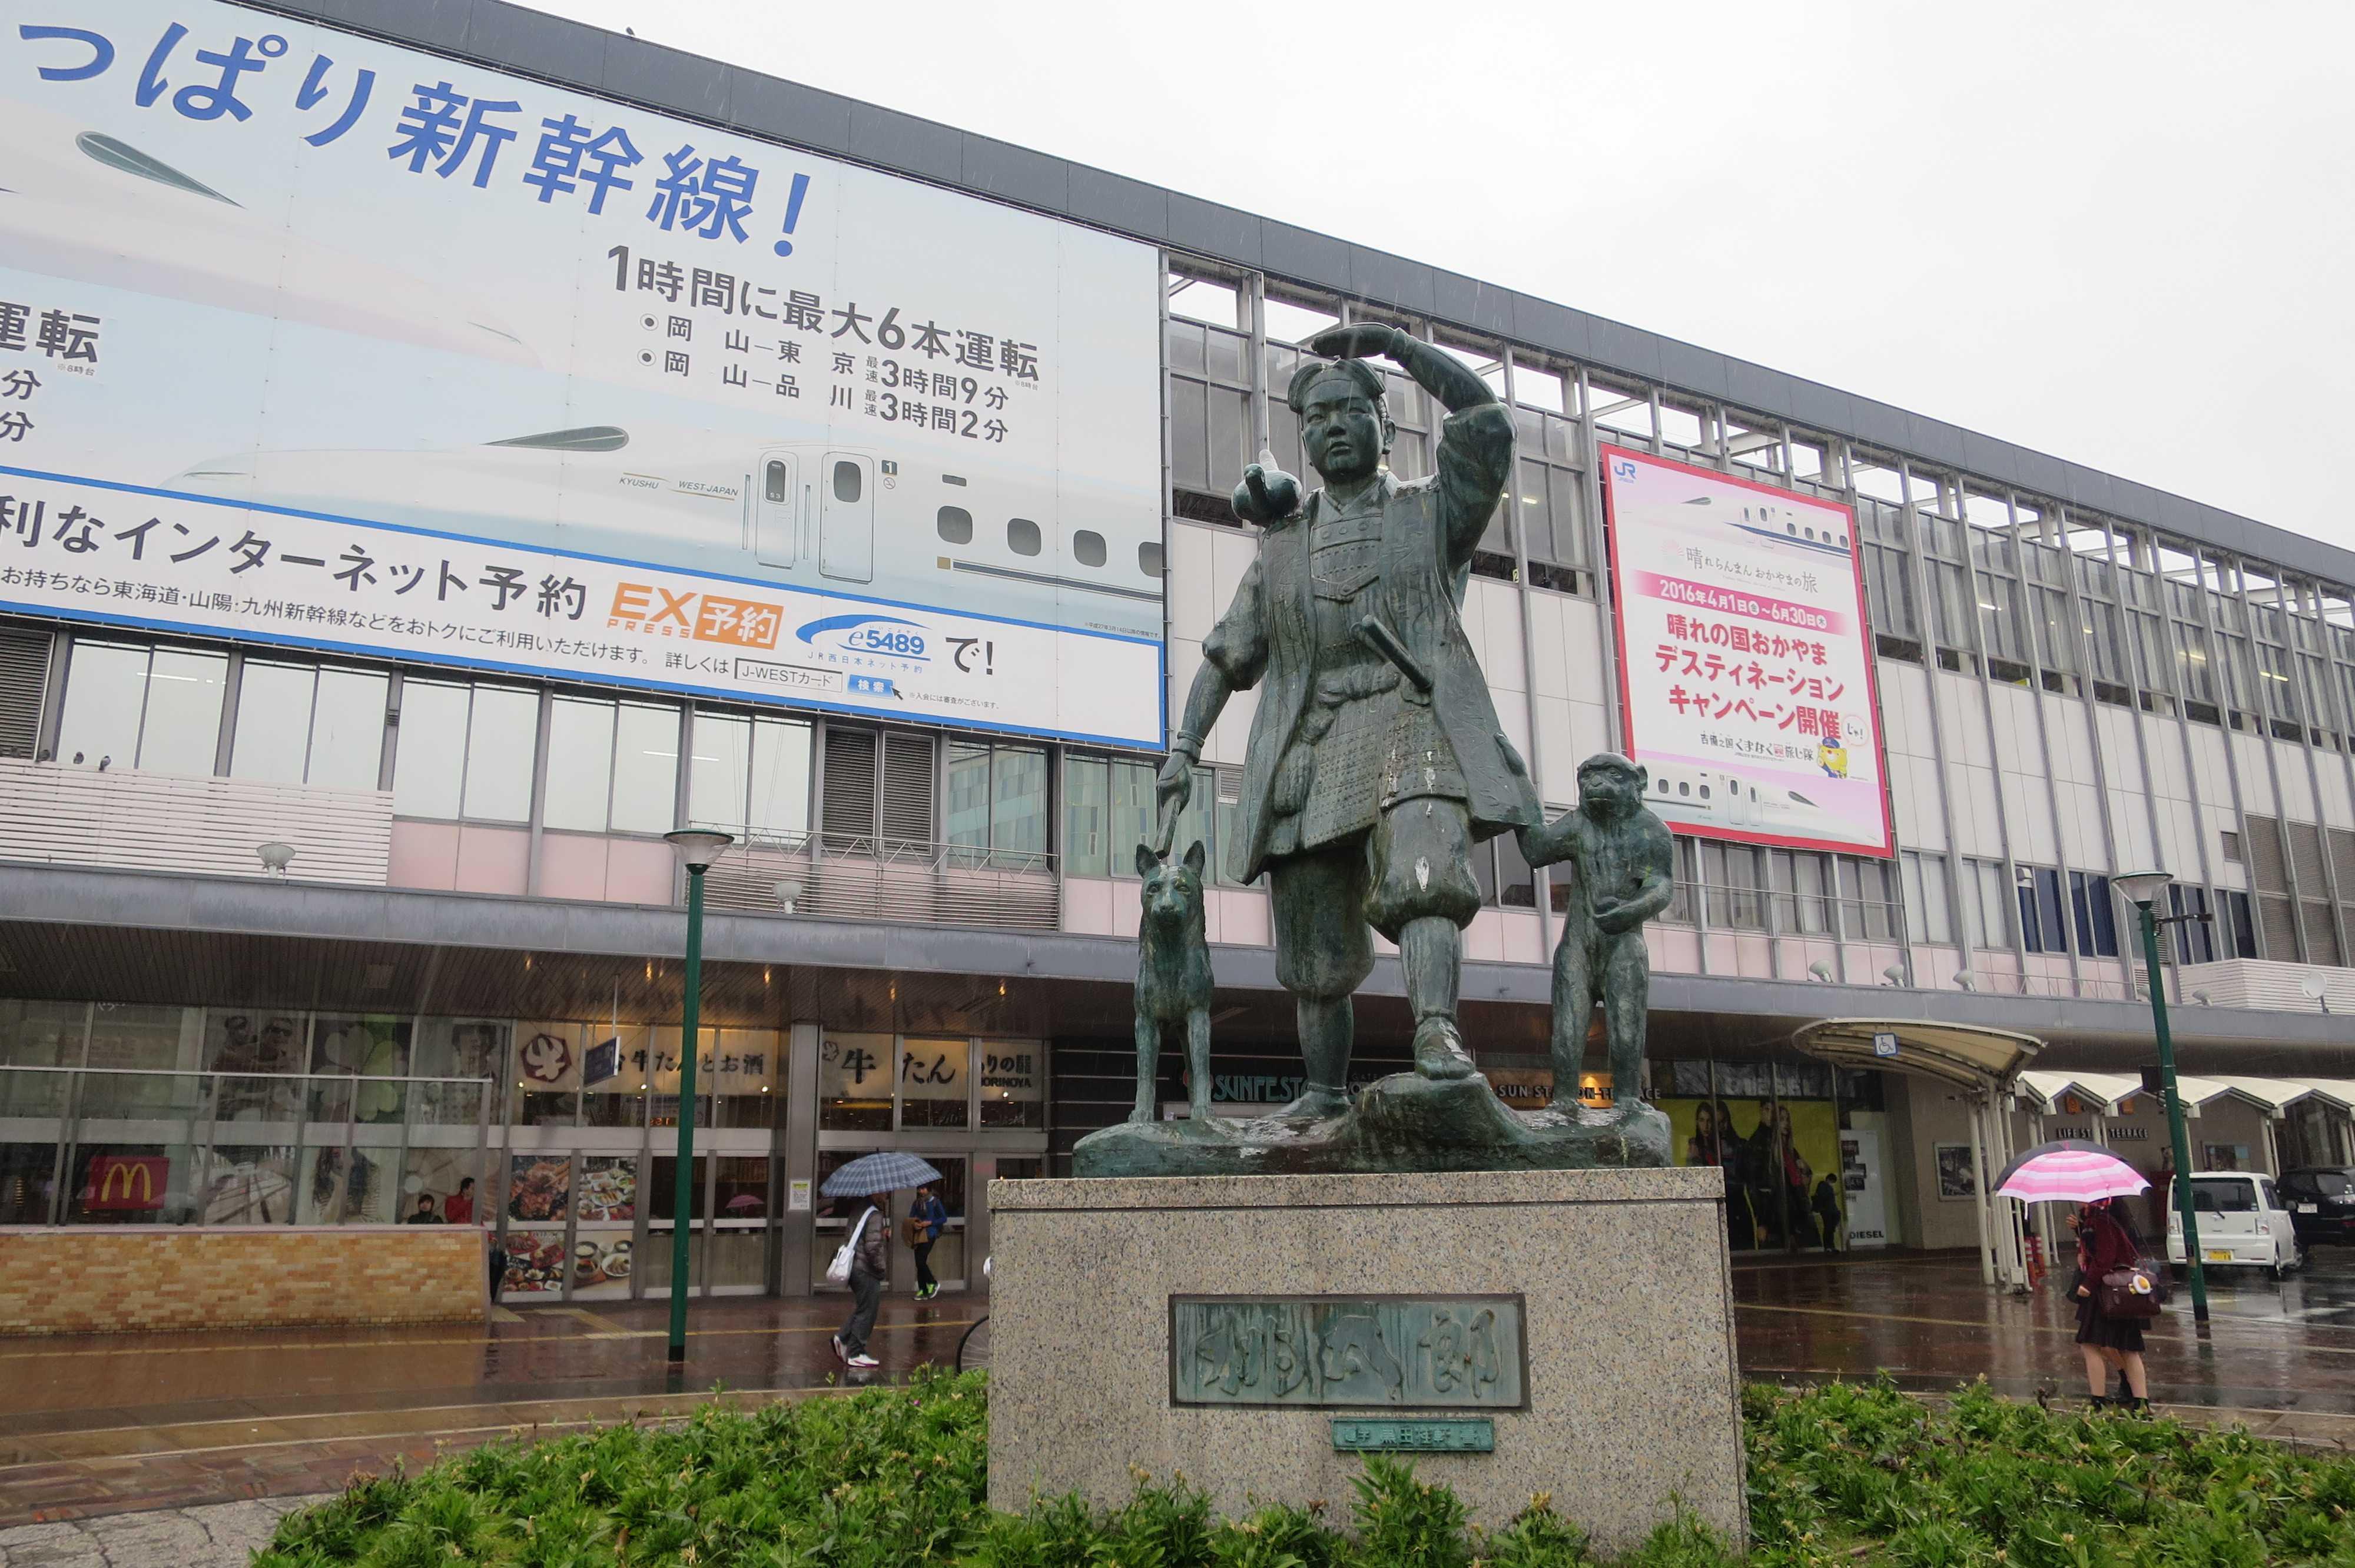 岡山駅東口駅前広場の桃太郎像